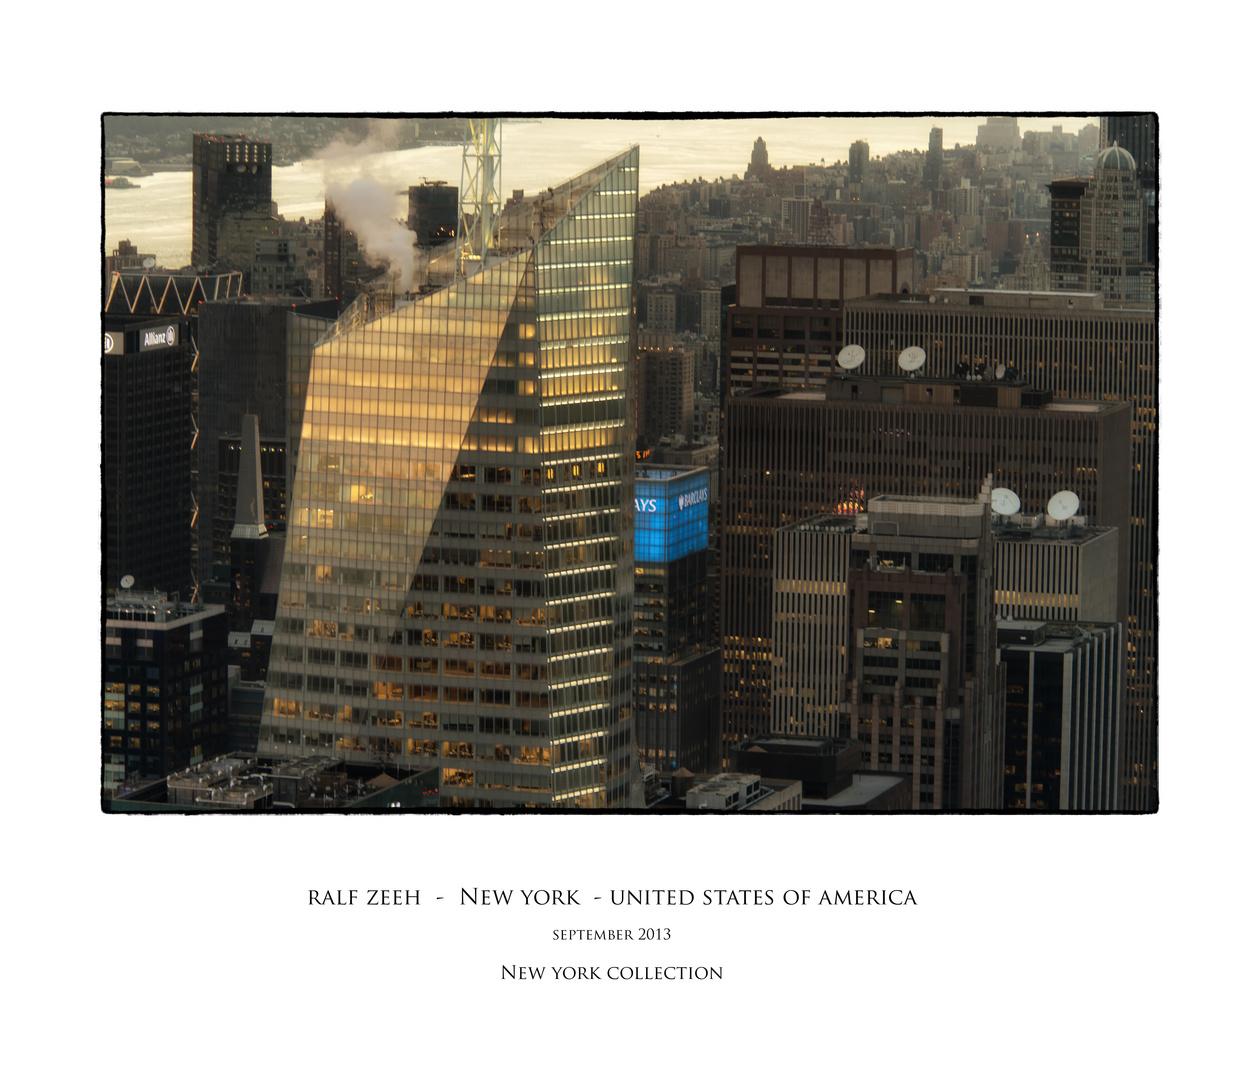 vom Empire State Building aus gemacht no.8